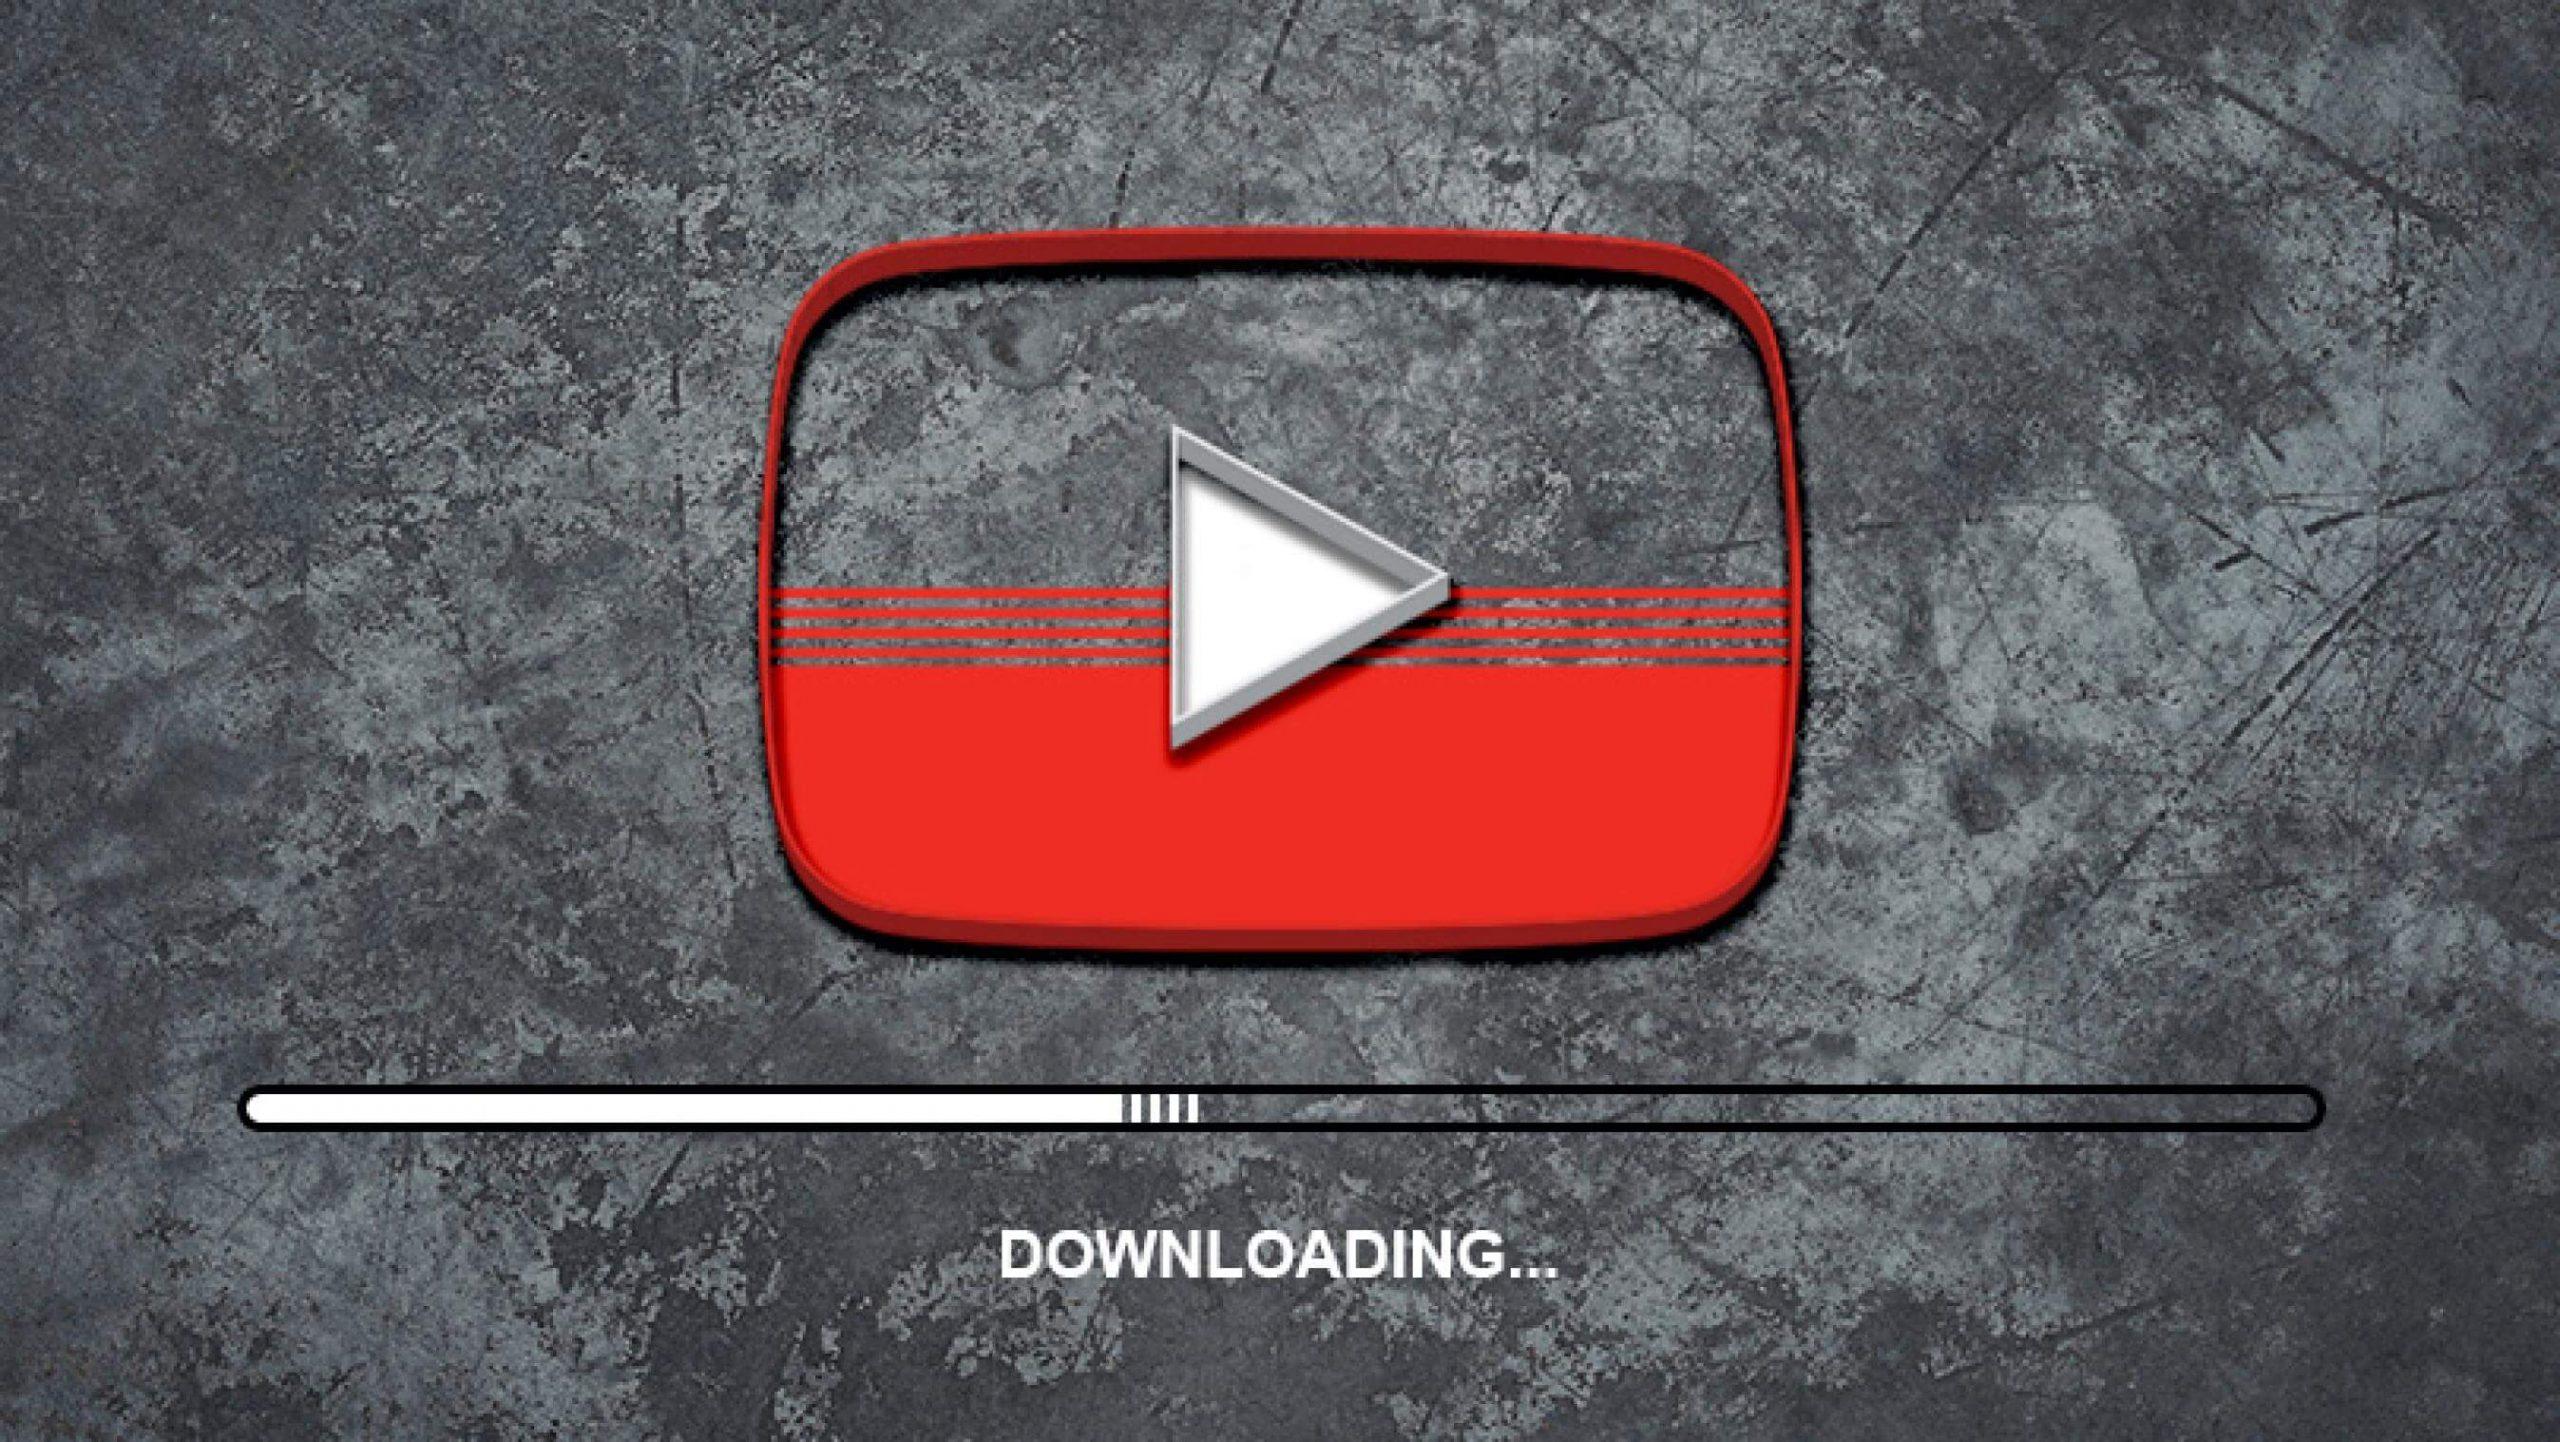 بهترین راه های دانلود از یوتوب